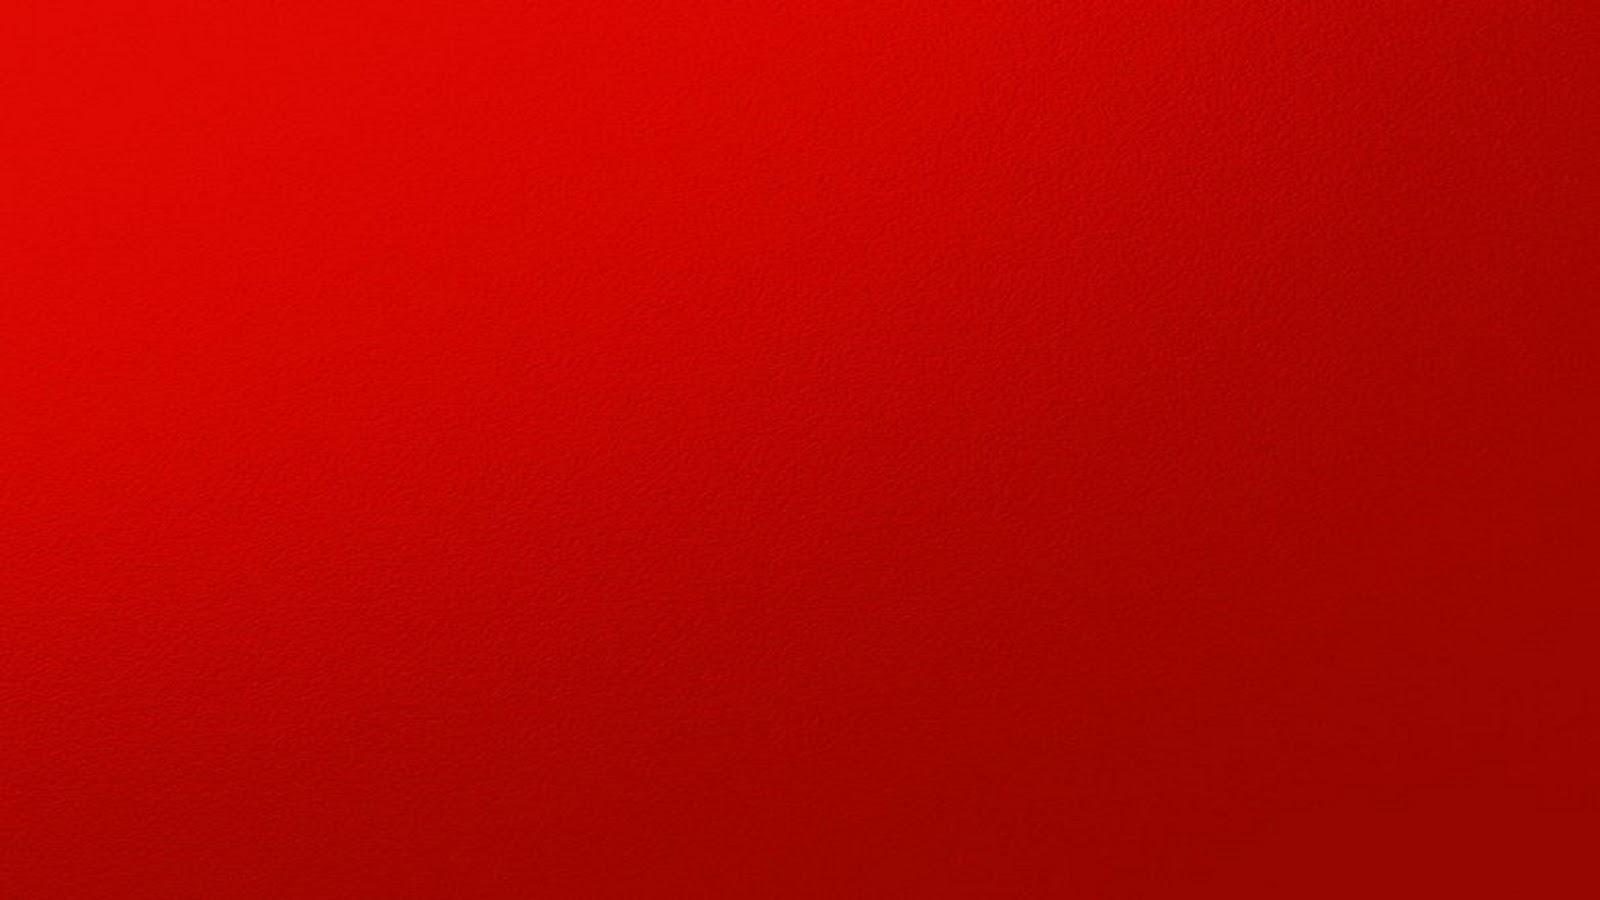 fundo-vermelho-Z-16x9